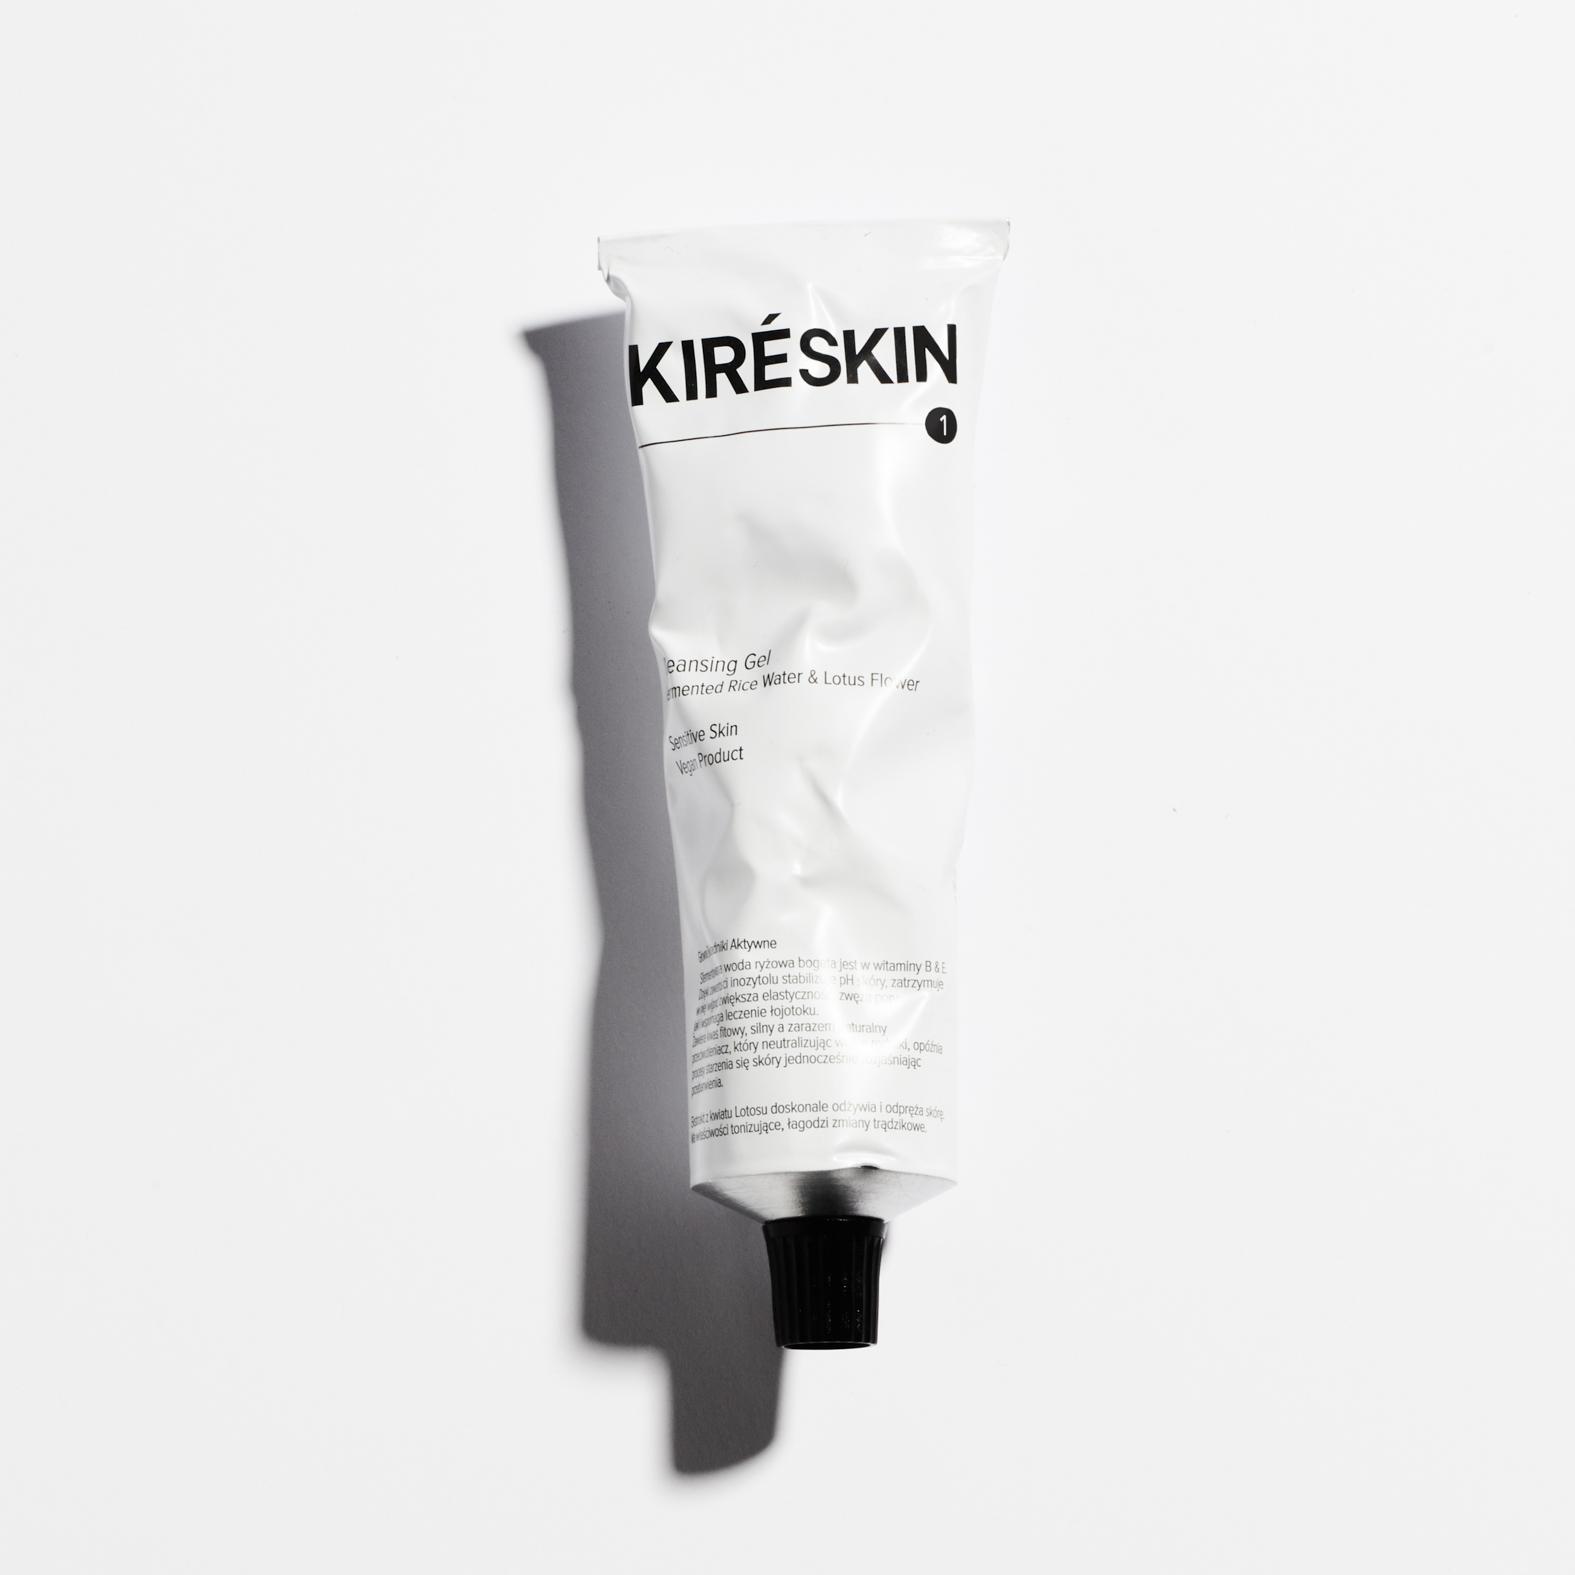 Fermented Rice Water and Lotus Flower Cleansing Gel Produkt dedykowany do pielęgnacji cery wyjątkowo wrażliwej i potrzebującej, również trądzikowej. Przeznaczony do bardzo łagodnego, a zarazem skutecznego, oczyszczania skóry z nadmiaru sebum i wszelkich zanieczyszczeń. Lekko rozgrzewa. Nadaje skórze blasku. Sensitive Skin Vegan Product Produkt testowany dermatologicznie. Testom na zwierzętach mówimy zdecydowane NIE! Nie używamy składników pochodzenia zwierzęcego. Nominalna zawartość: 100 ml / 3,4 FL.OZ Sposób użycia: Nałóż małą porcję żelu na wilgotne dłonie, zamknij oczy i wmasuj go okrężnymi ruchami w skórę twarzy. Na koniec opłucz twarz ciepłą wodą (ale nie gorącą!) i łagodnie wytrzyj ręcznikiem. Żel pozostawi skórę odświeżoną i ukojoną. Główne Składniki Aktywne: Sfermentowana Woda Ryżowa bogata jest w witaminy B & E. Dzięki zawartości inozytolu stabilizuje Ph skóry, zatrzymuje w niej wilgoć, zwiększa elastyczność, zwęża pory, jak i wspomaga leczenie łojotoku. Zawiera kwas fitow